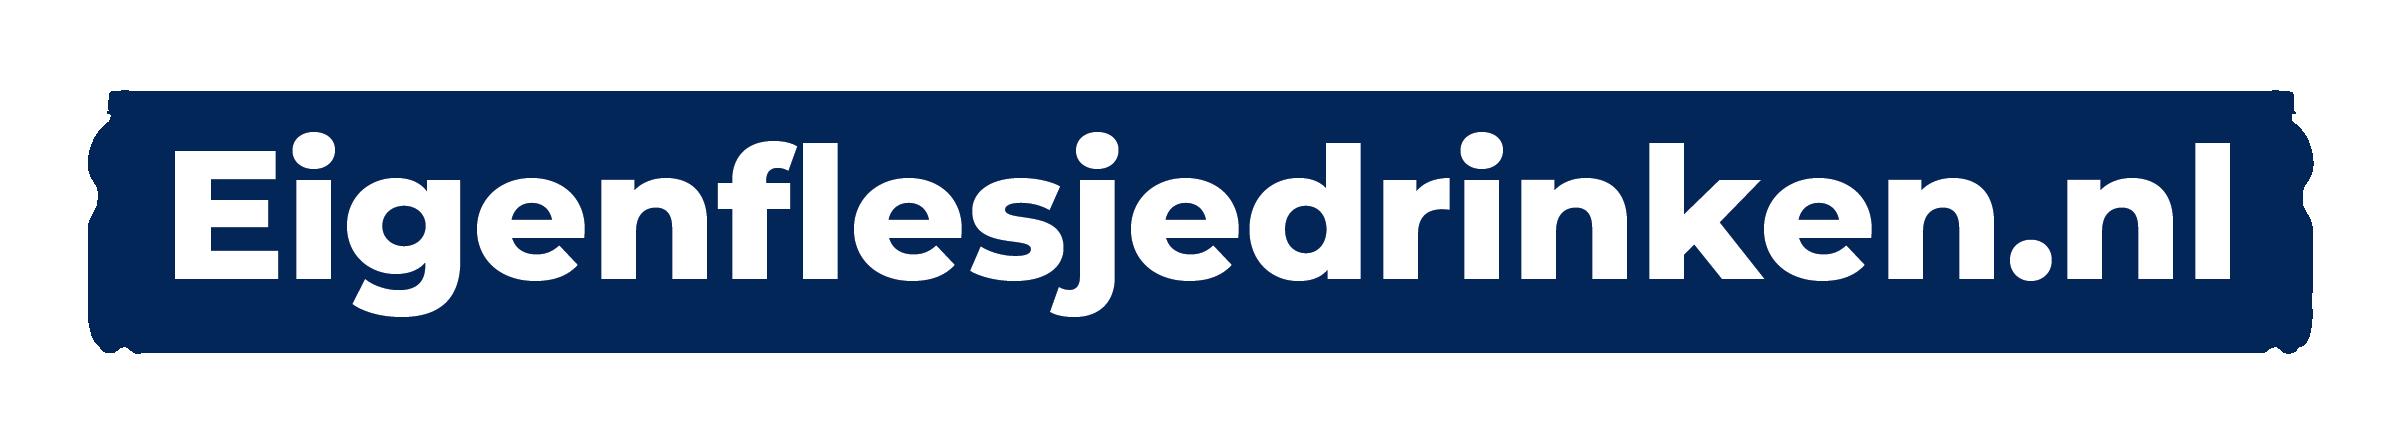 Eigenflesjedrinken.nl